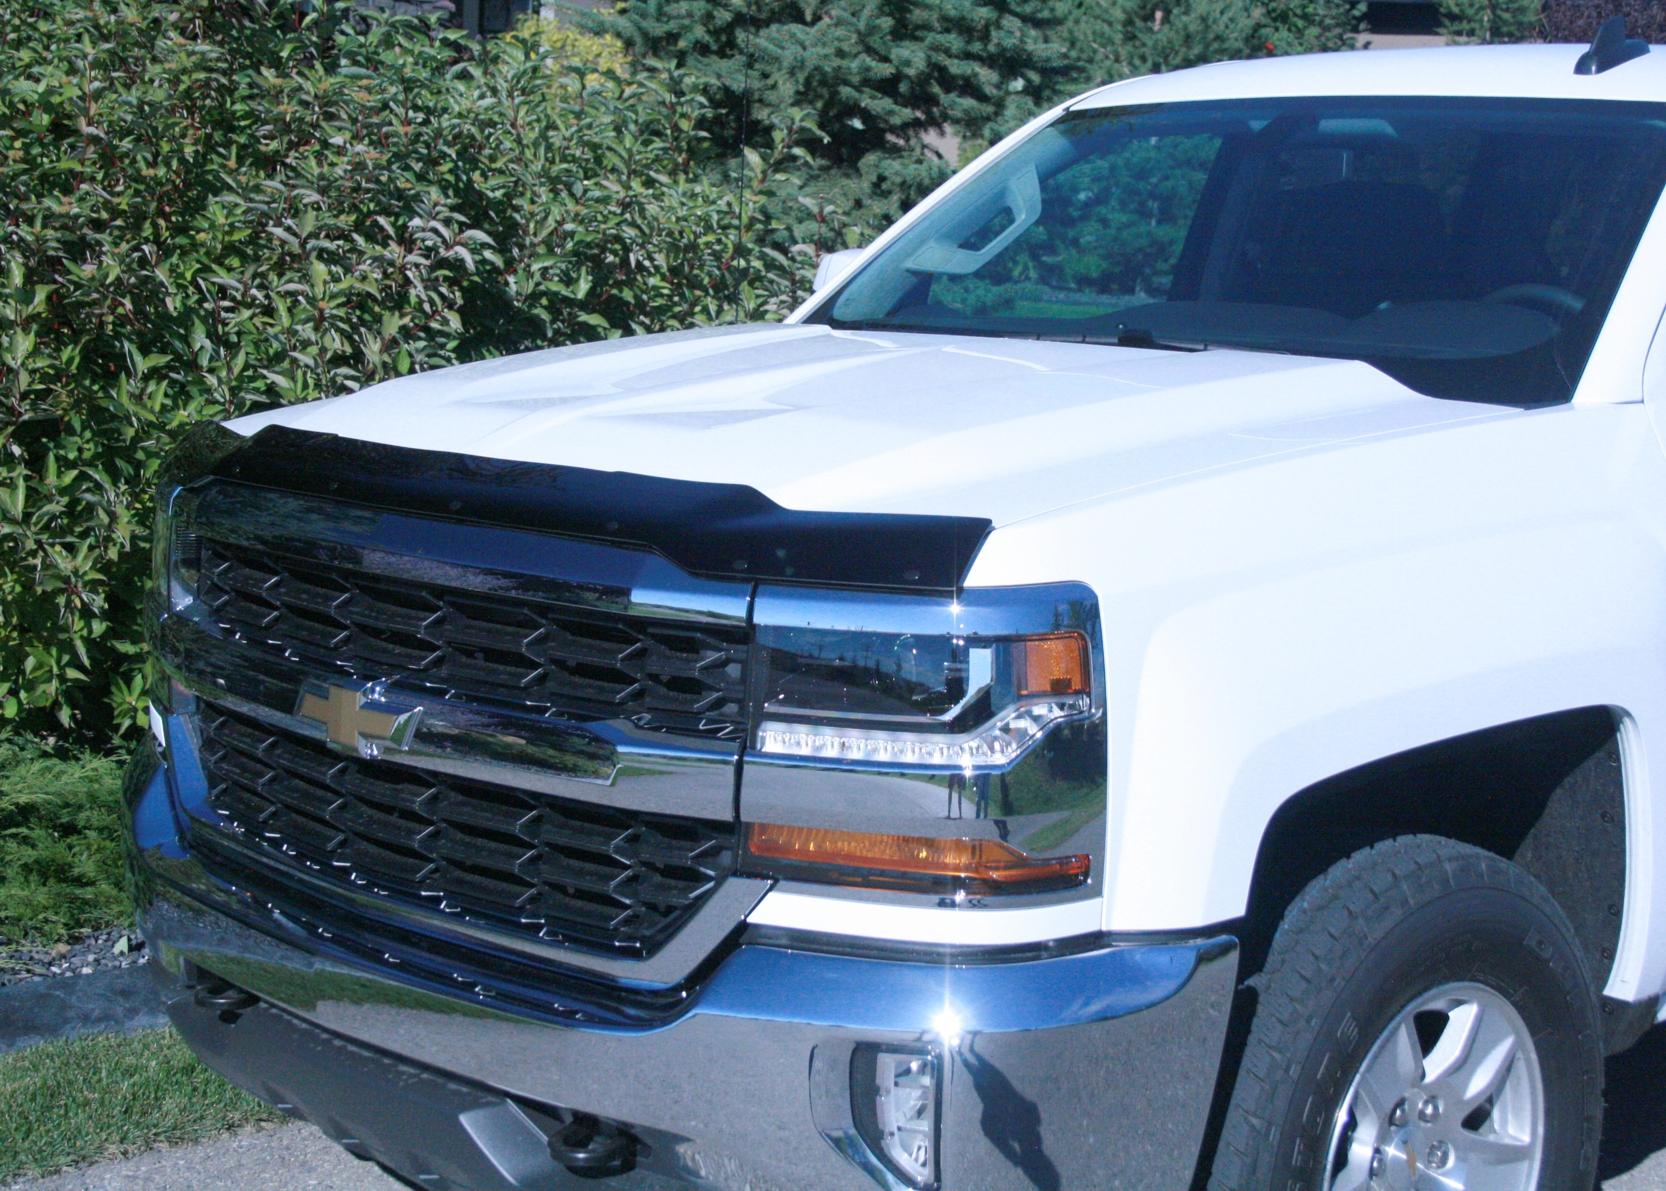 2000 Chevrolet Silverado 1500 >> Chevrolet Silverado (2016-up) FormFit Hood Protector